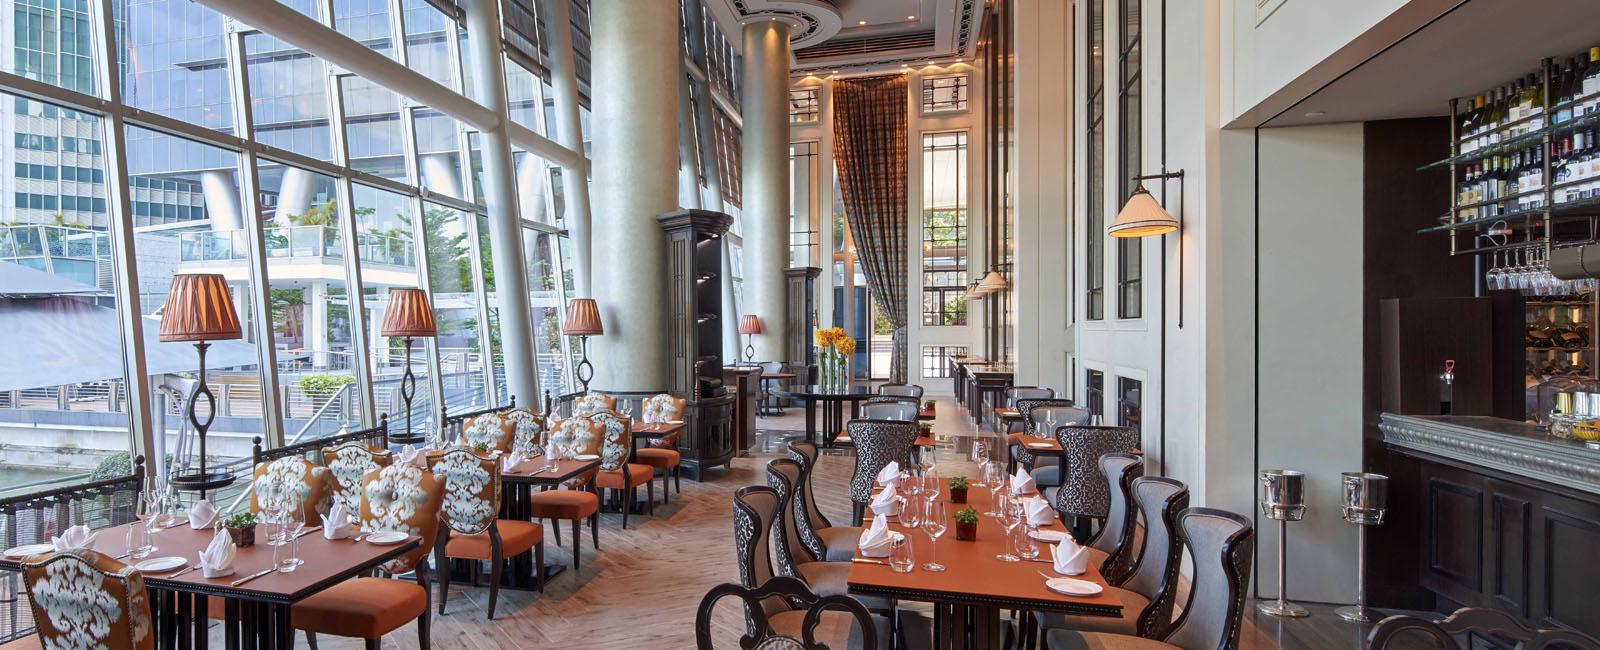 La Brasserie French Restaurant Singapore Restaurants Bars